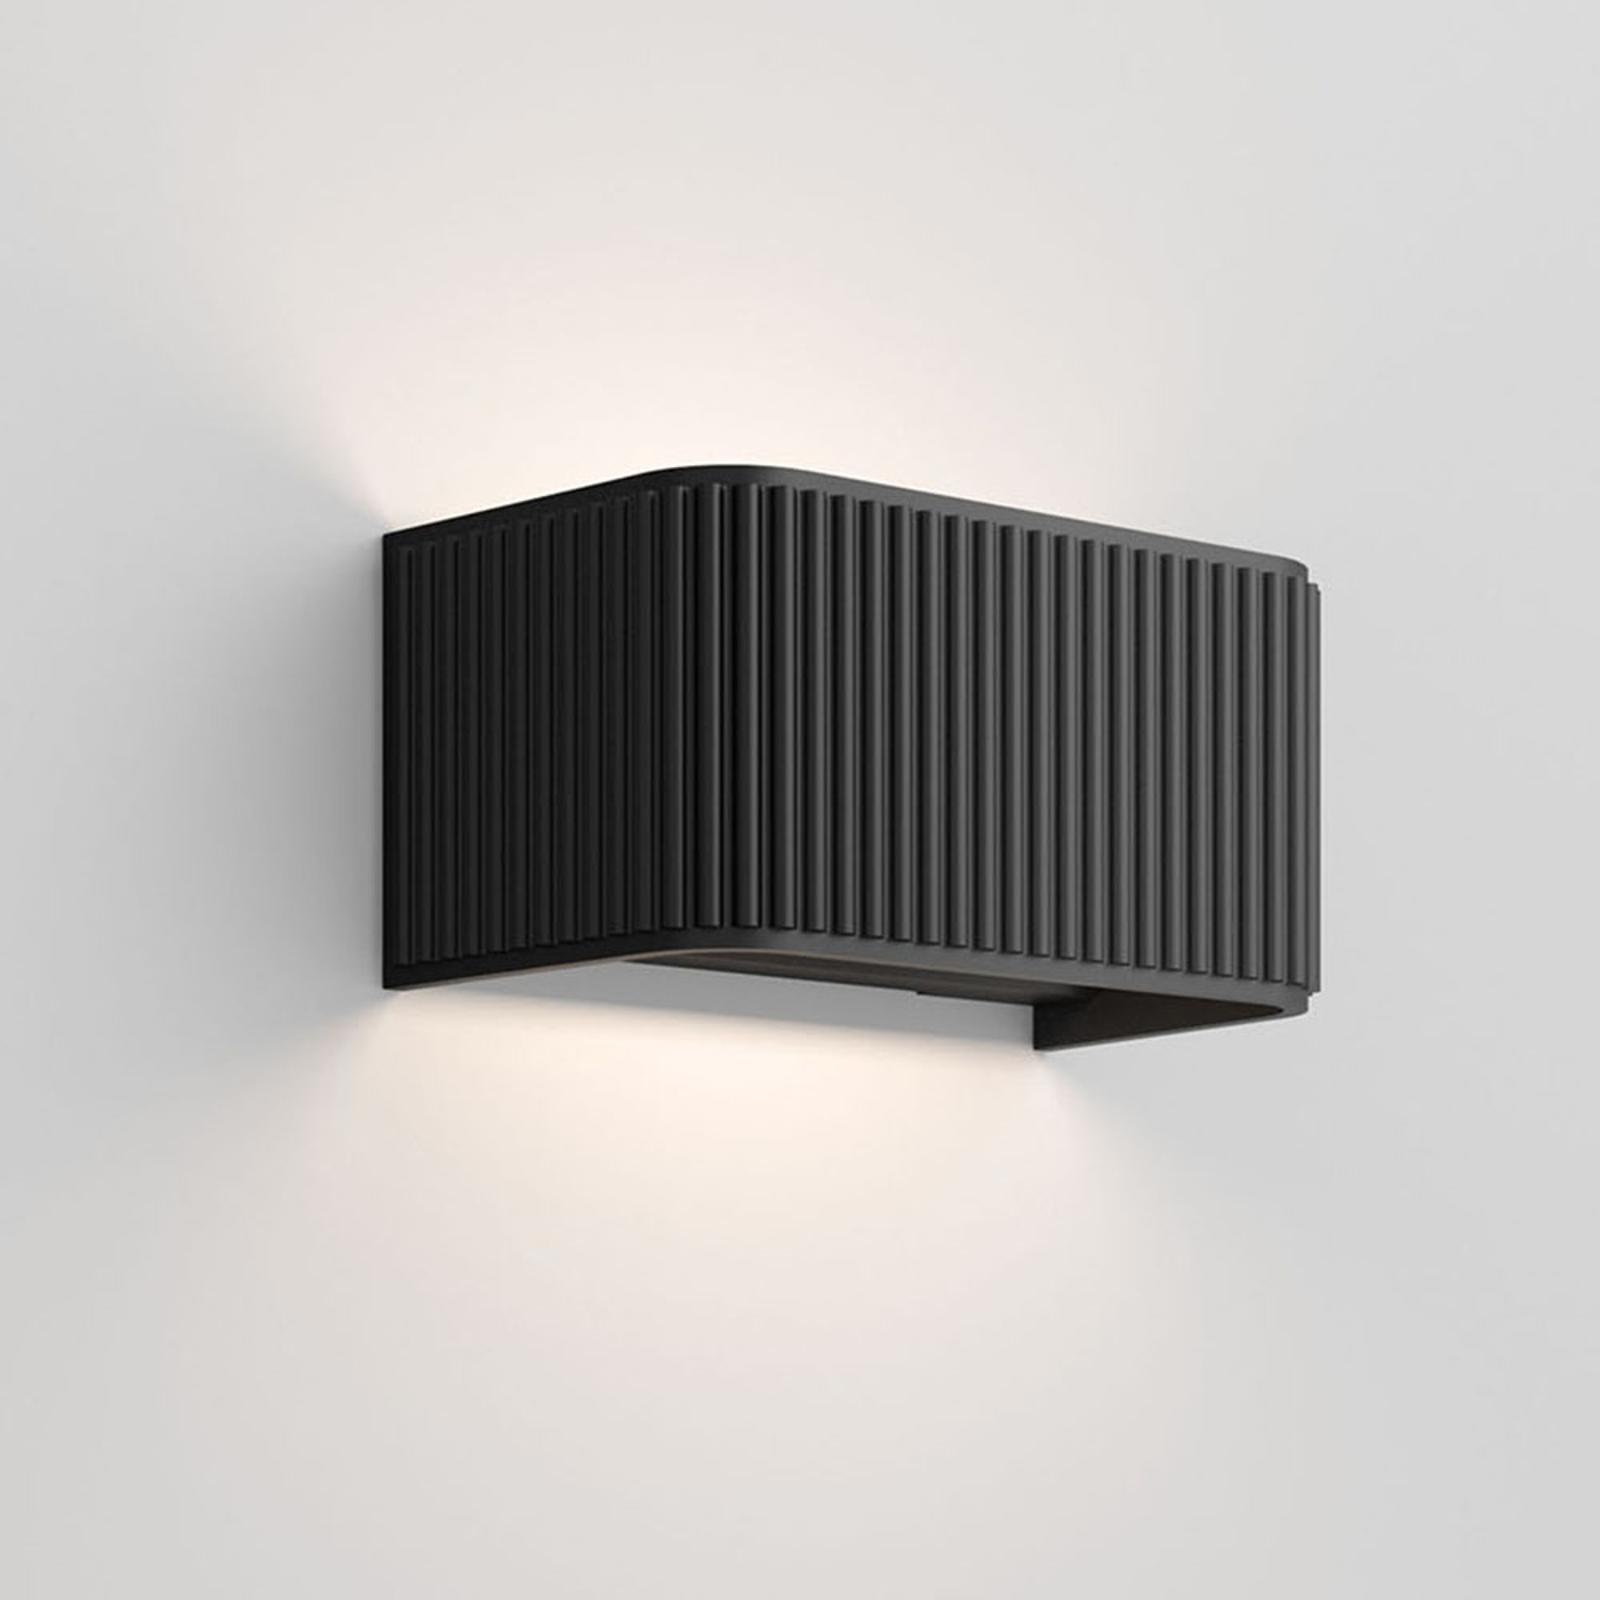 Rotaliana Dresscode W1 LED-seinävalo, musta, 2700K